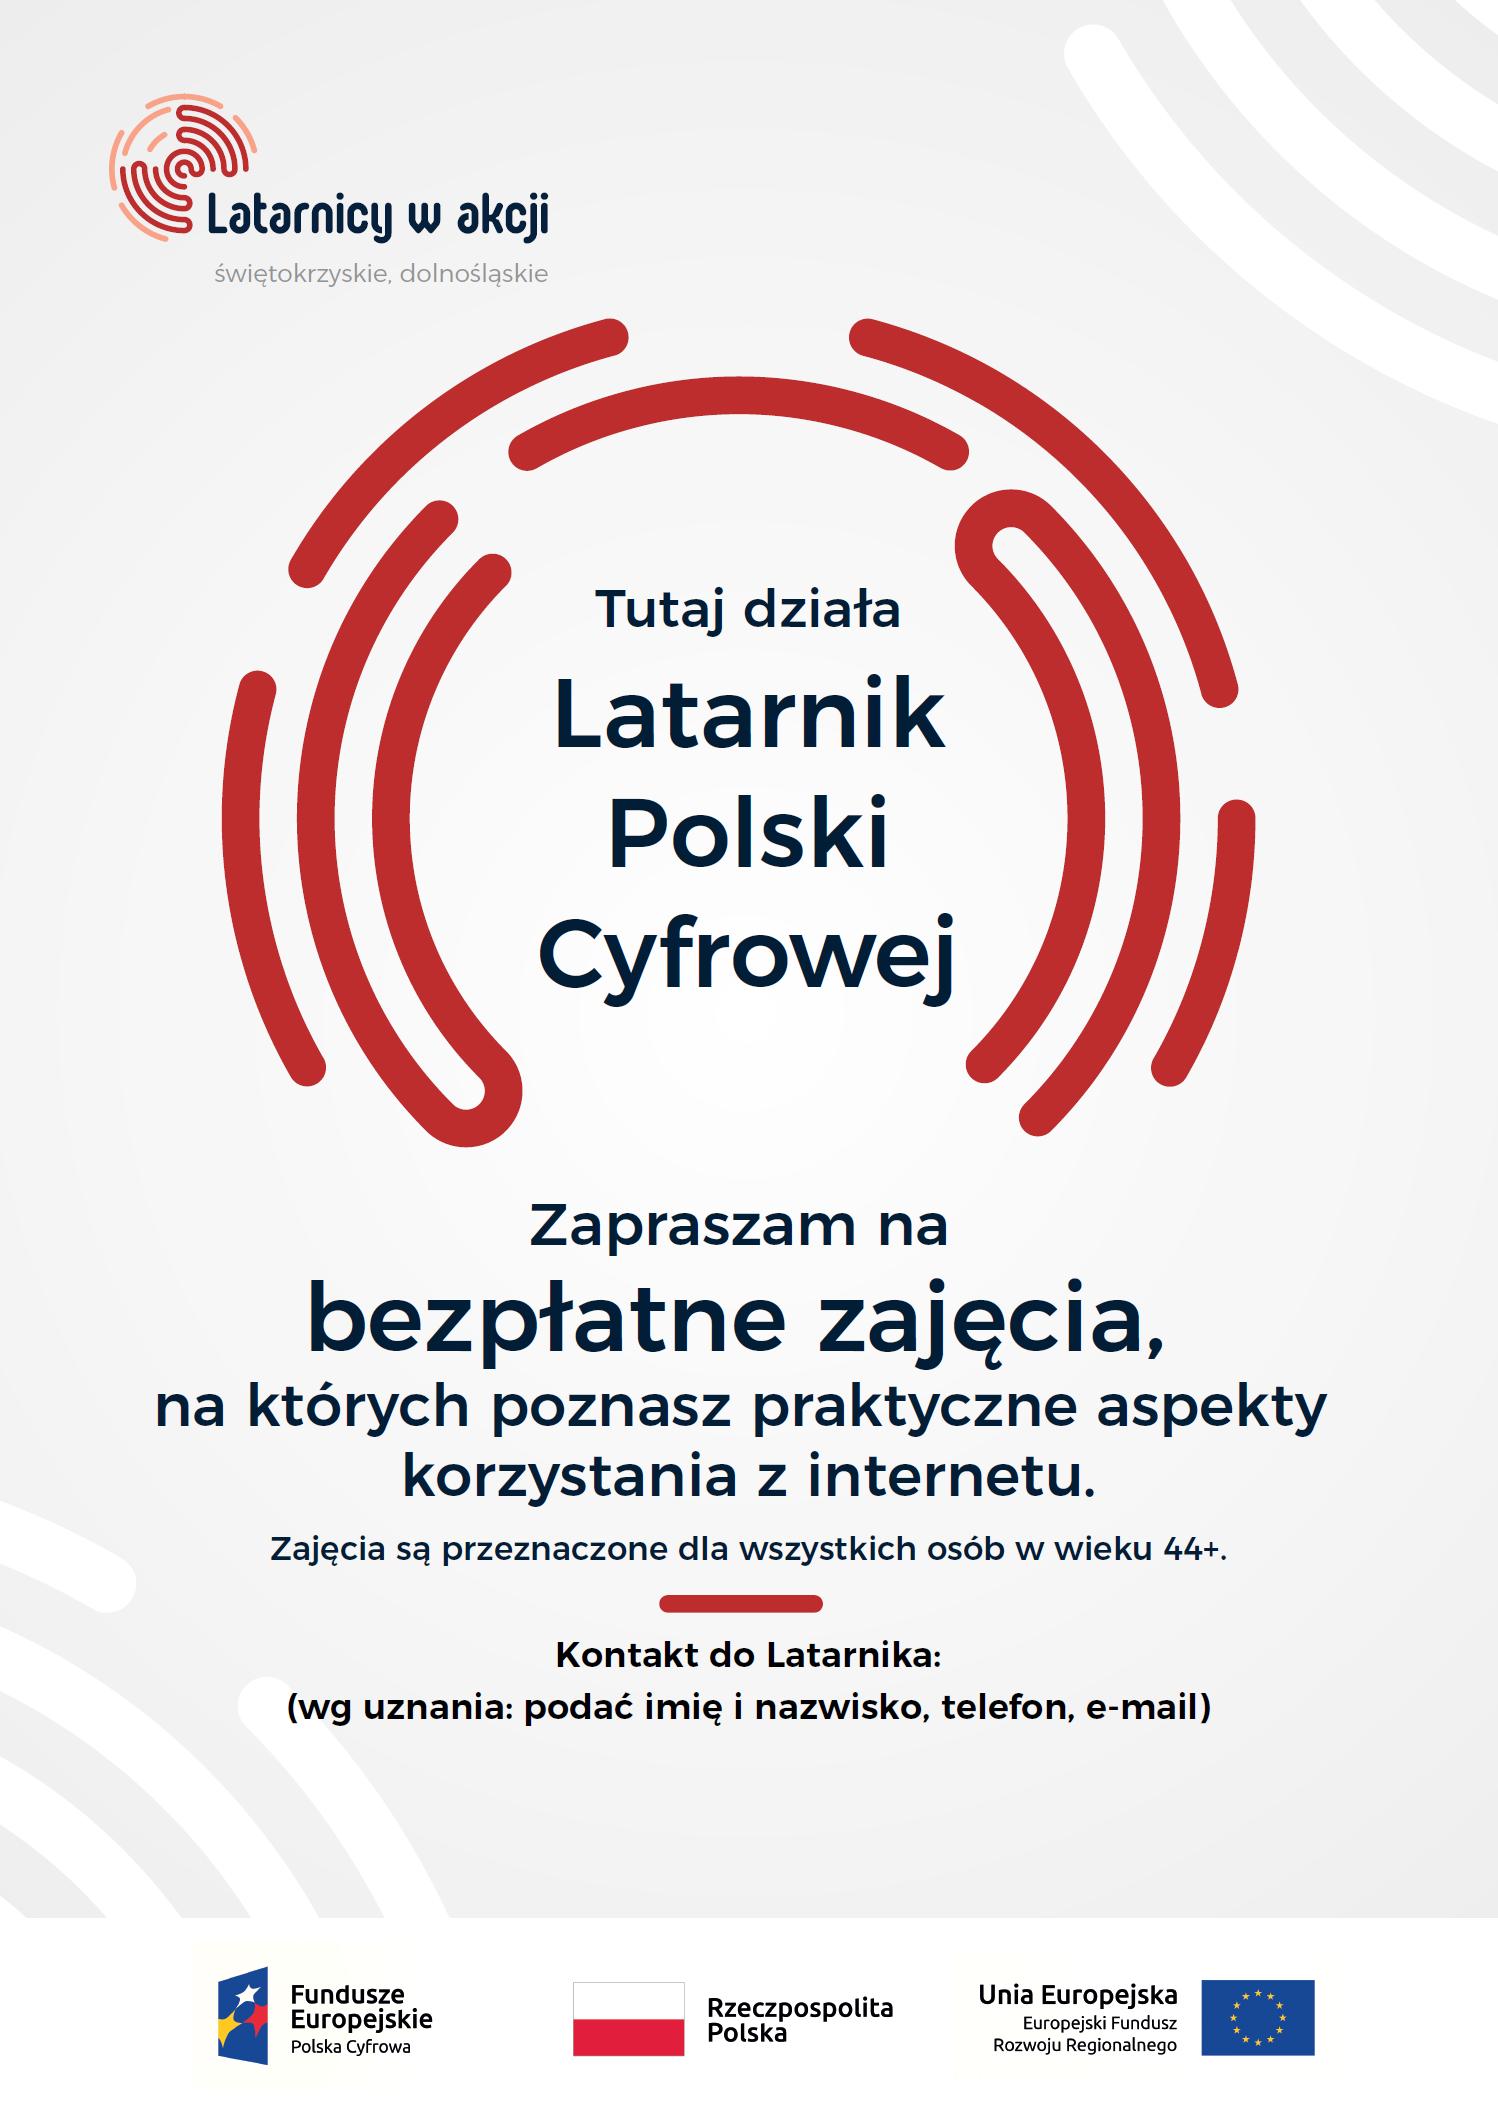 Zaproszenie na bezpłatne szkolenie nauki korzystania z internetu